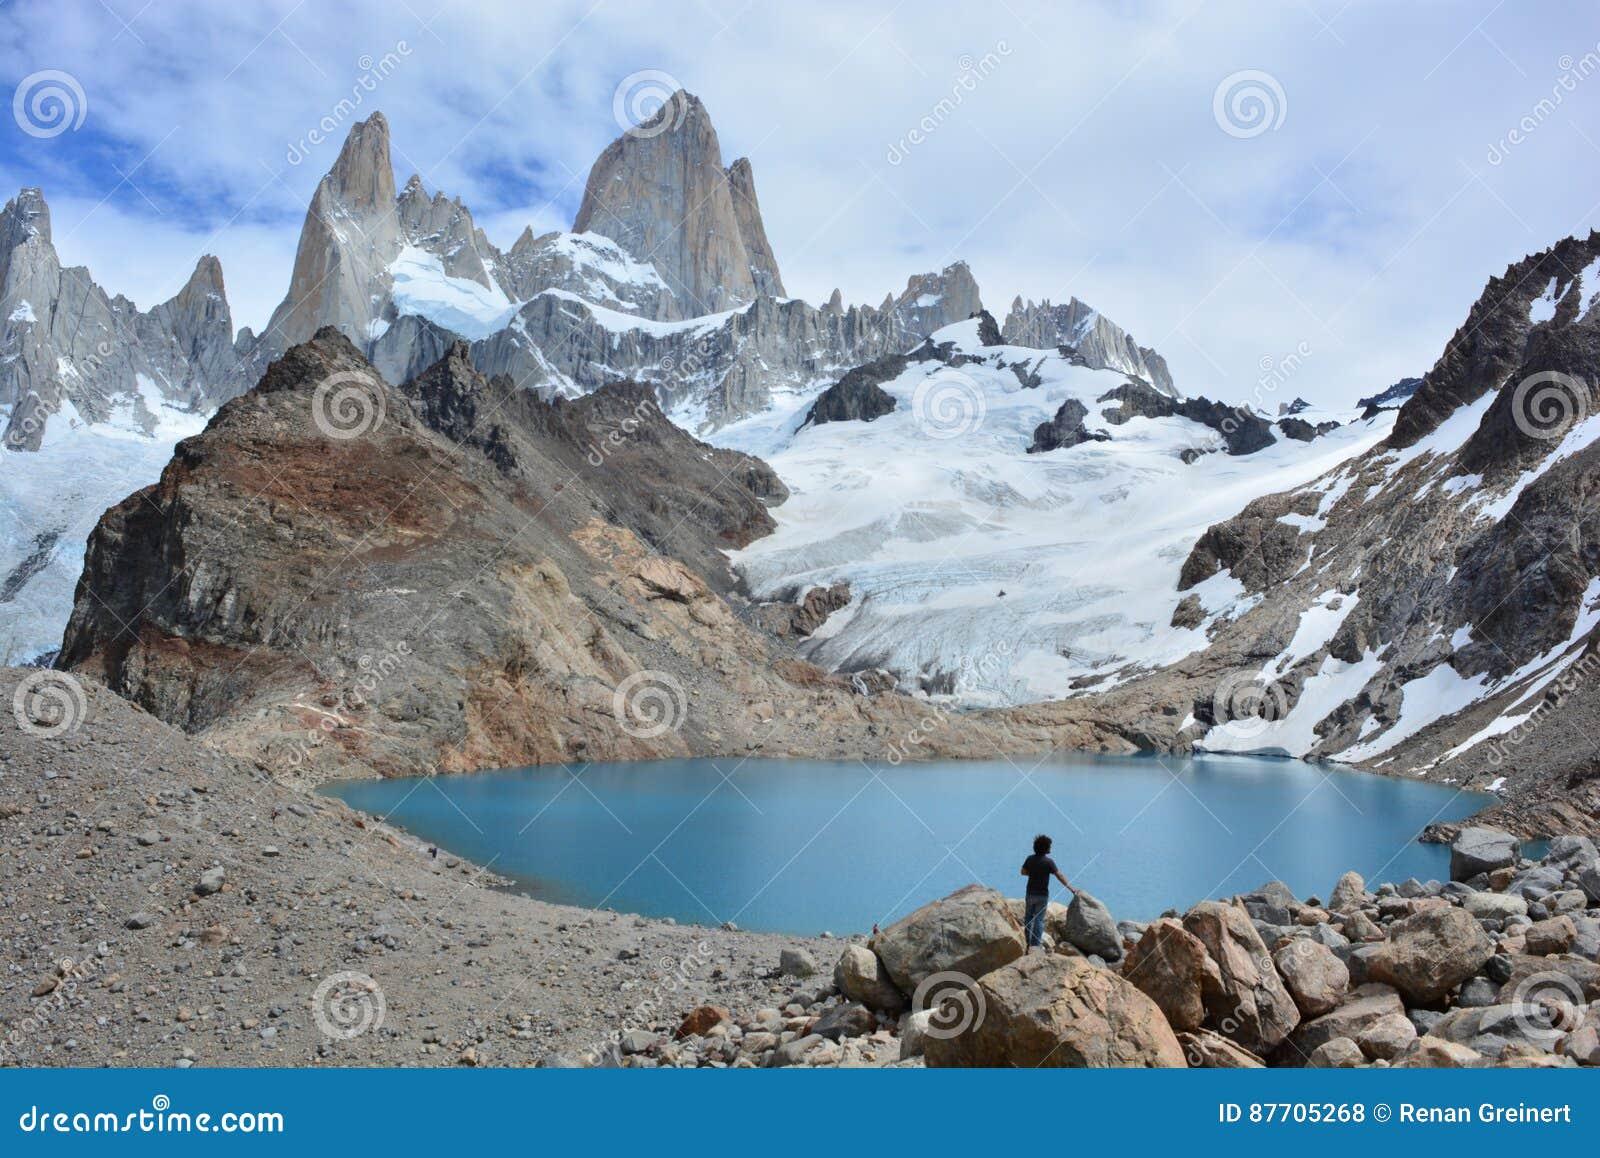 Randonneur non identifié regardant la crête de Fitz Roy en parc national de visibilité directe Glaciares, EL Chaltén, Argentine